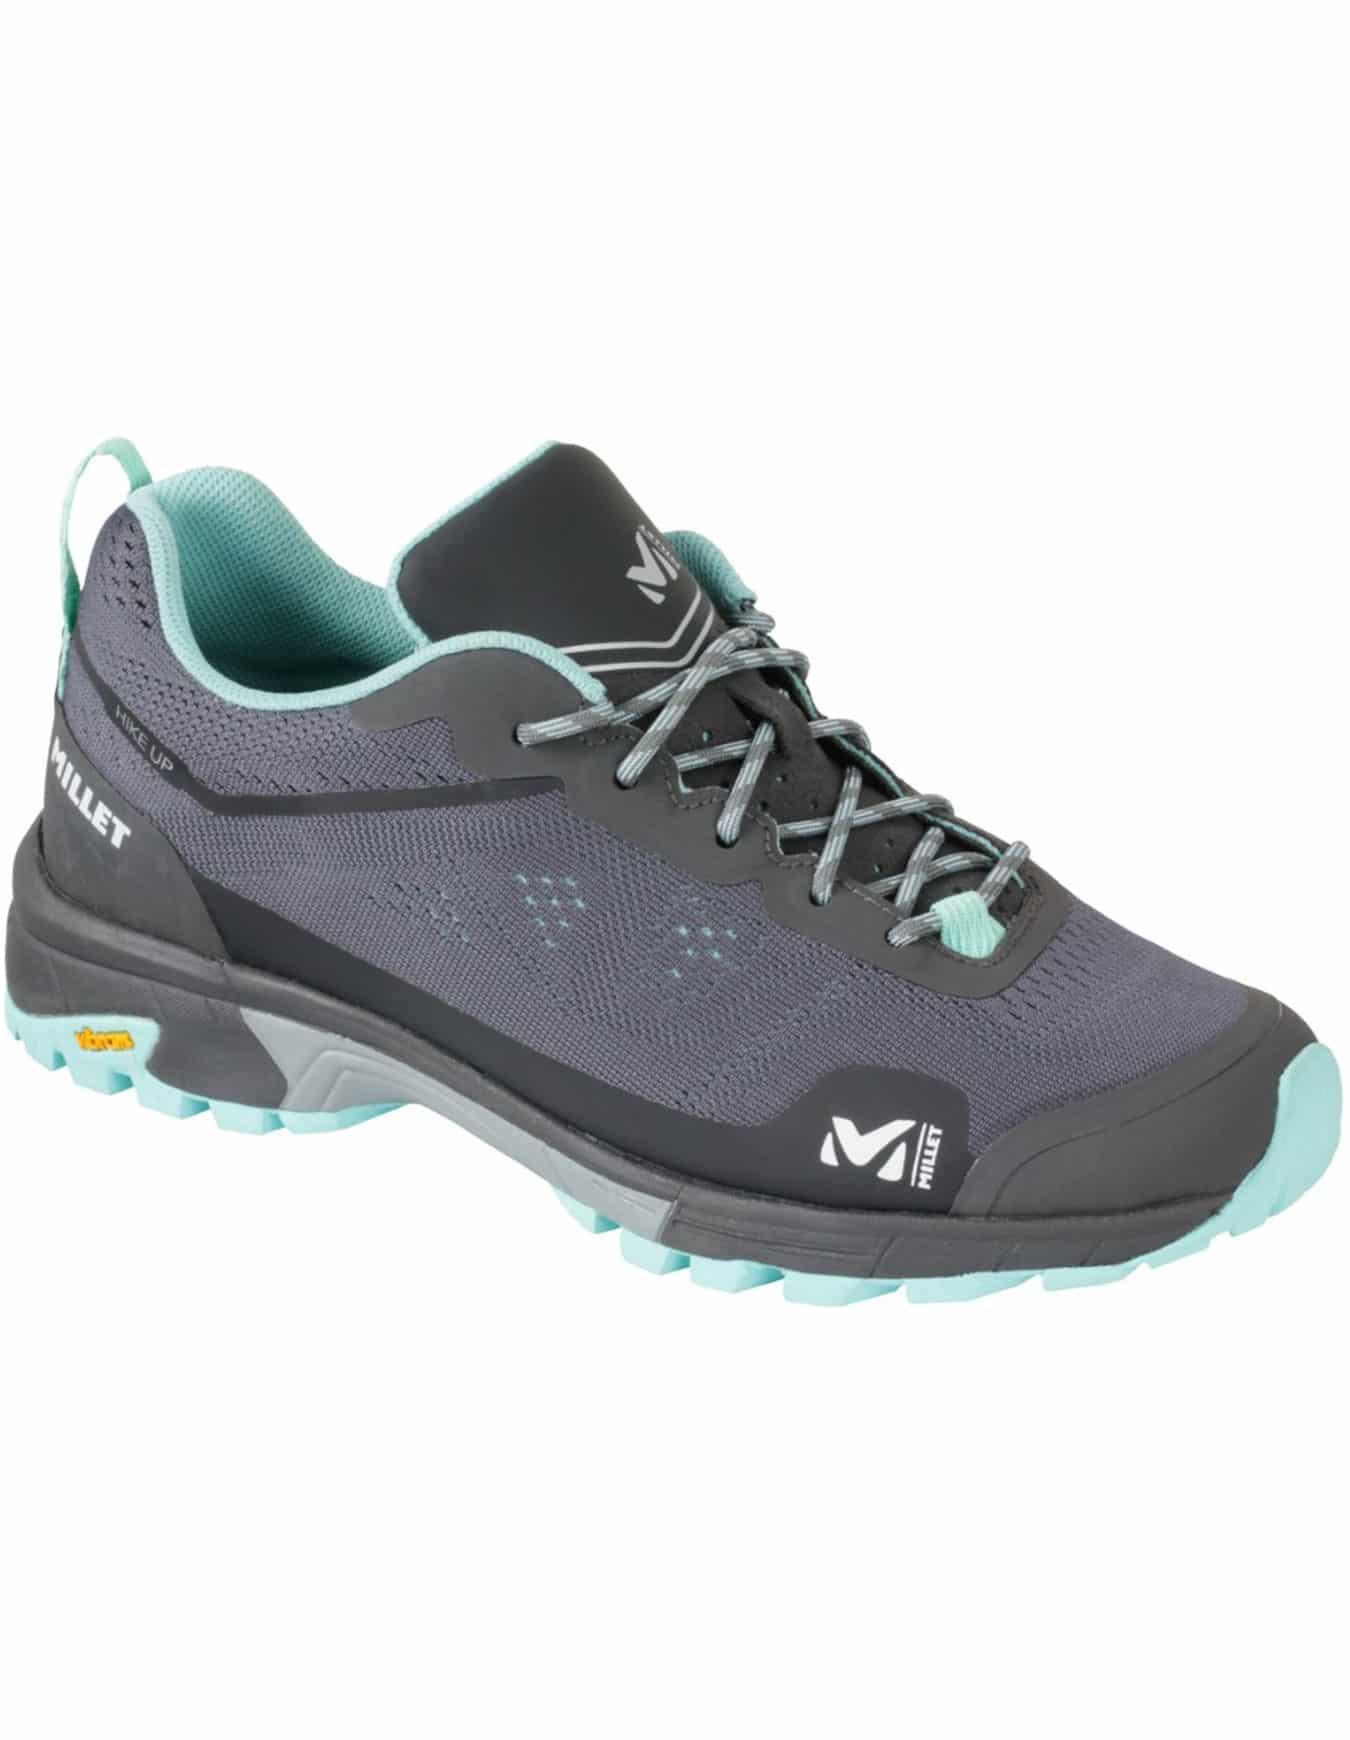 Des chaussures de randonnée femme basse